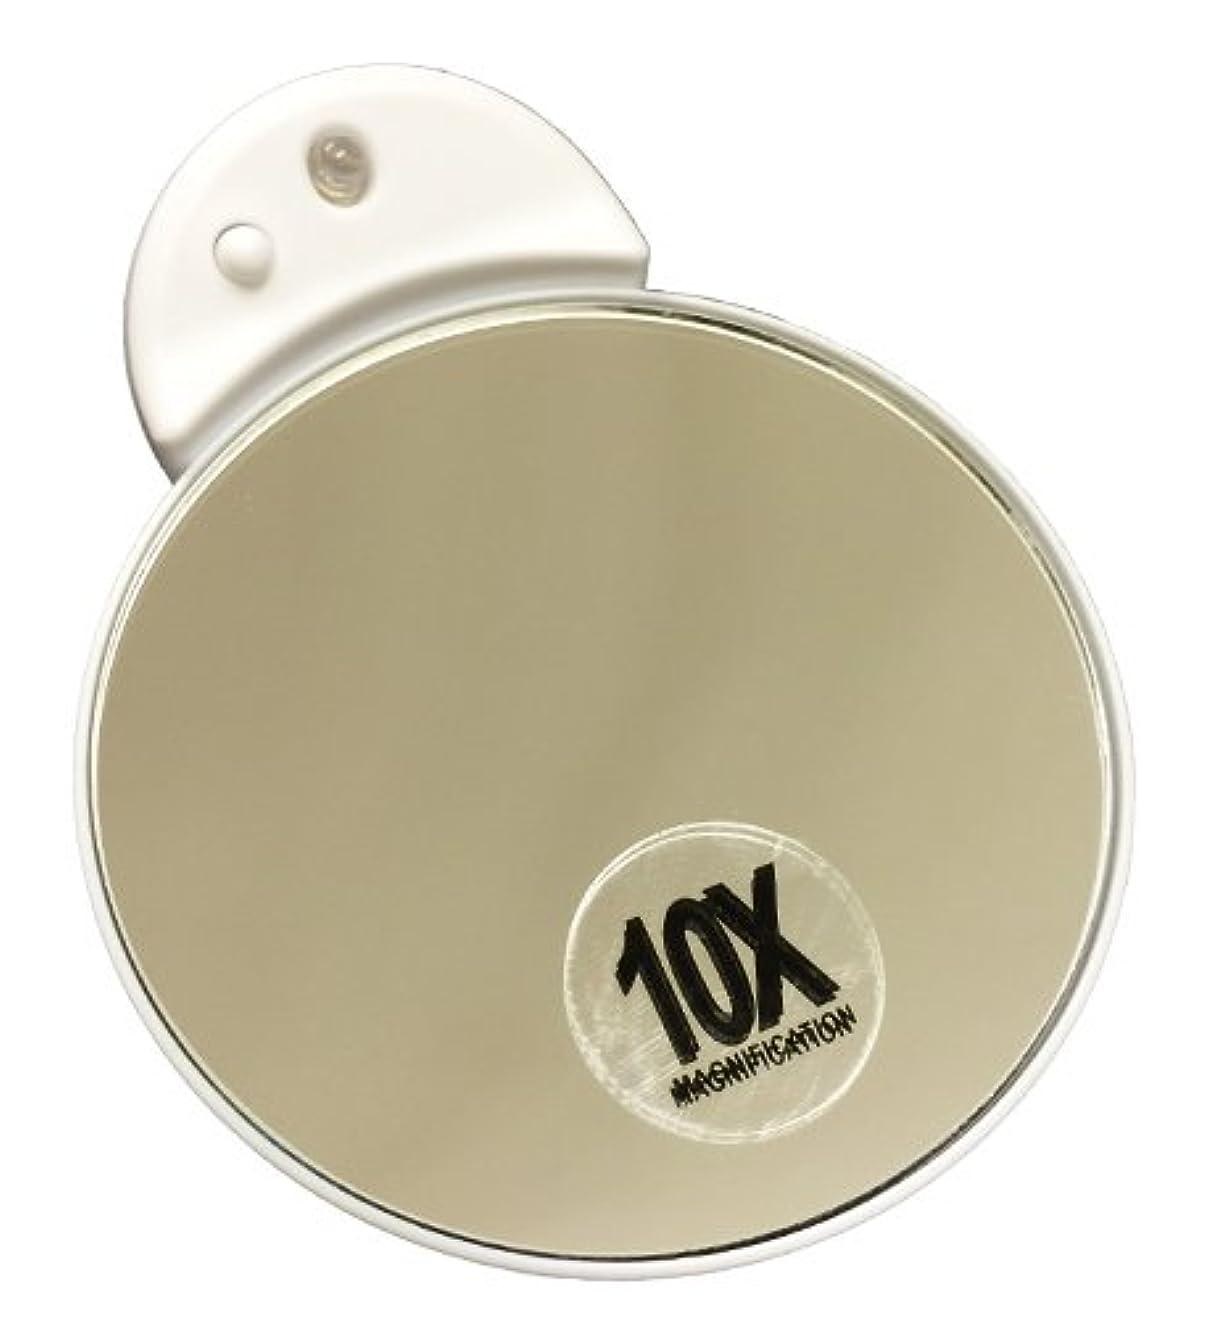 即席漏斗モーテルclochette(クロシェ) LEDライト付き スポットミラー 鼻毛&エチケットケア用 10倍拡大鏡 ホワイト